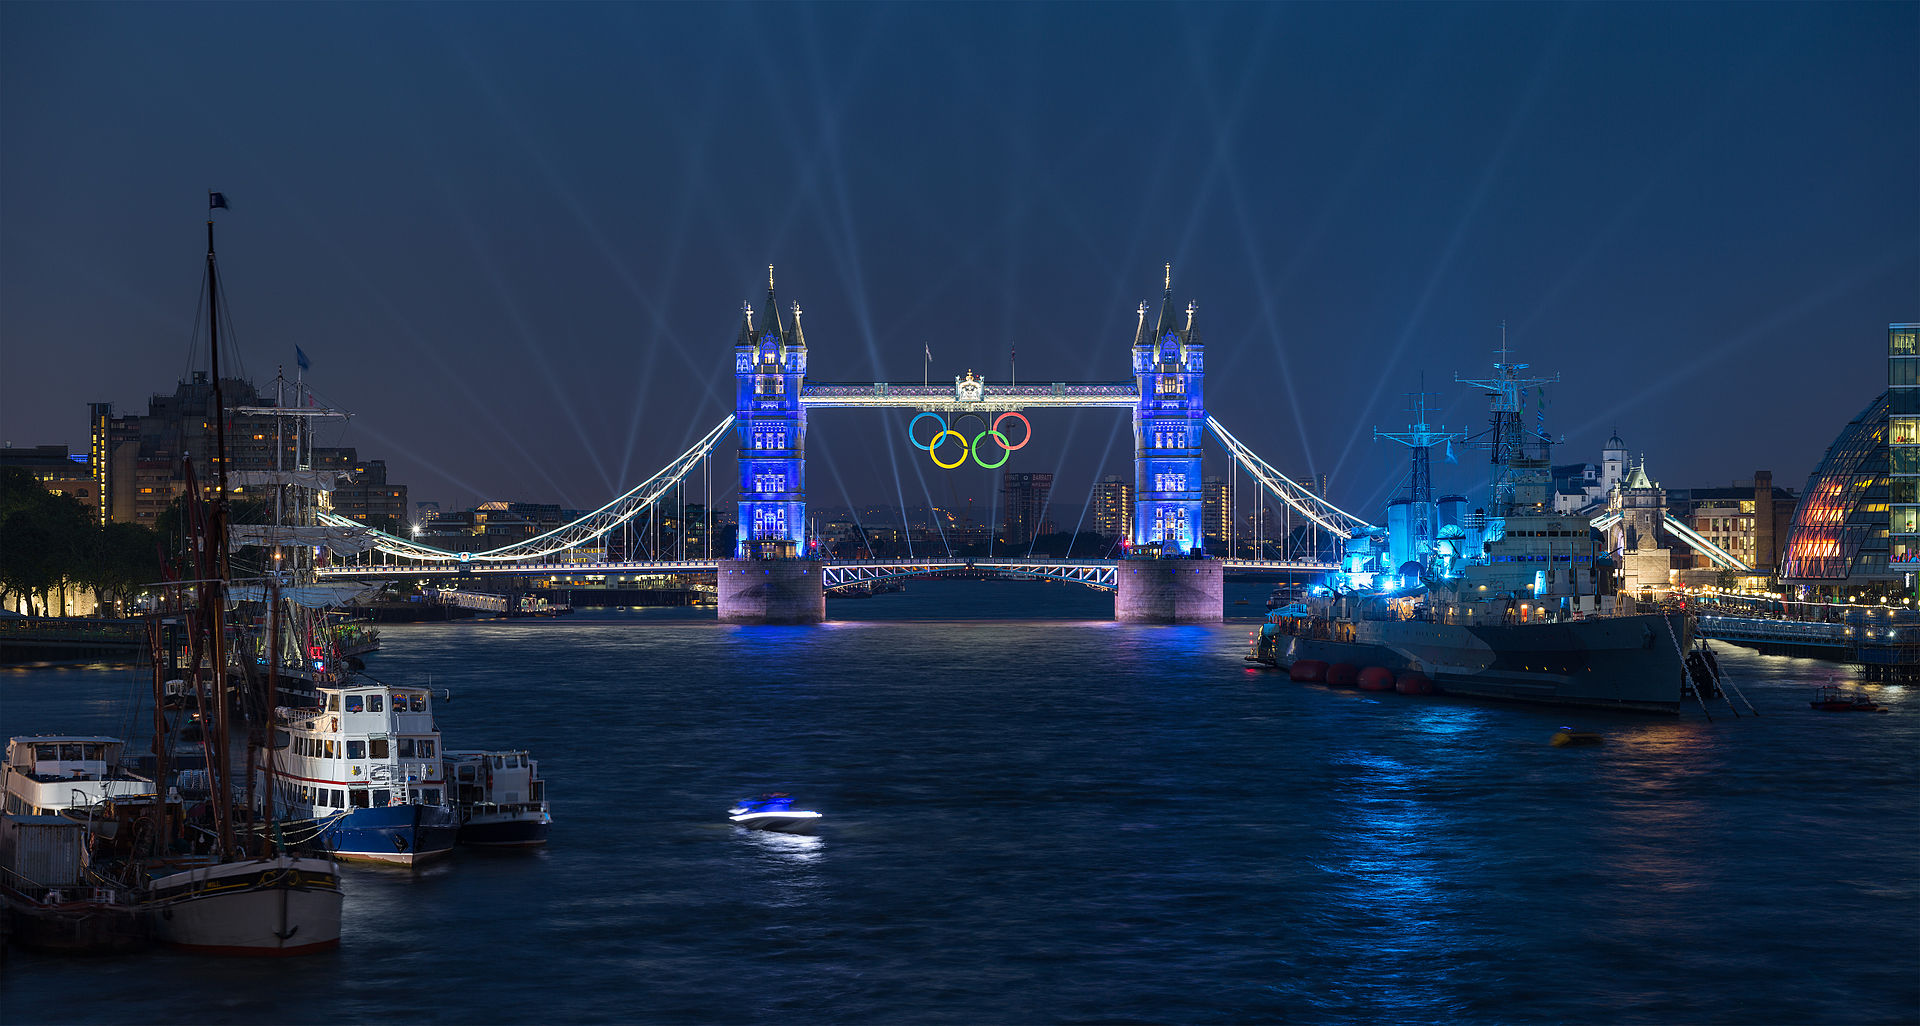 สะพานทาวเวอร์บริดจ์-ตอนจัดโอลิมปิก